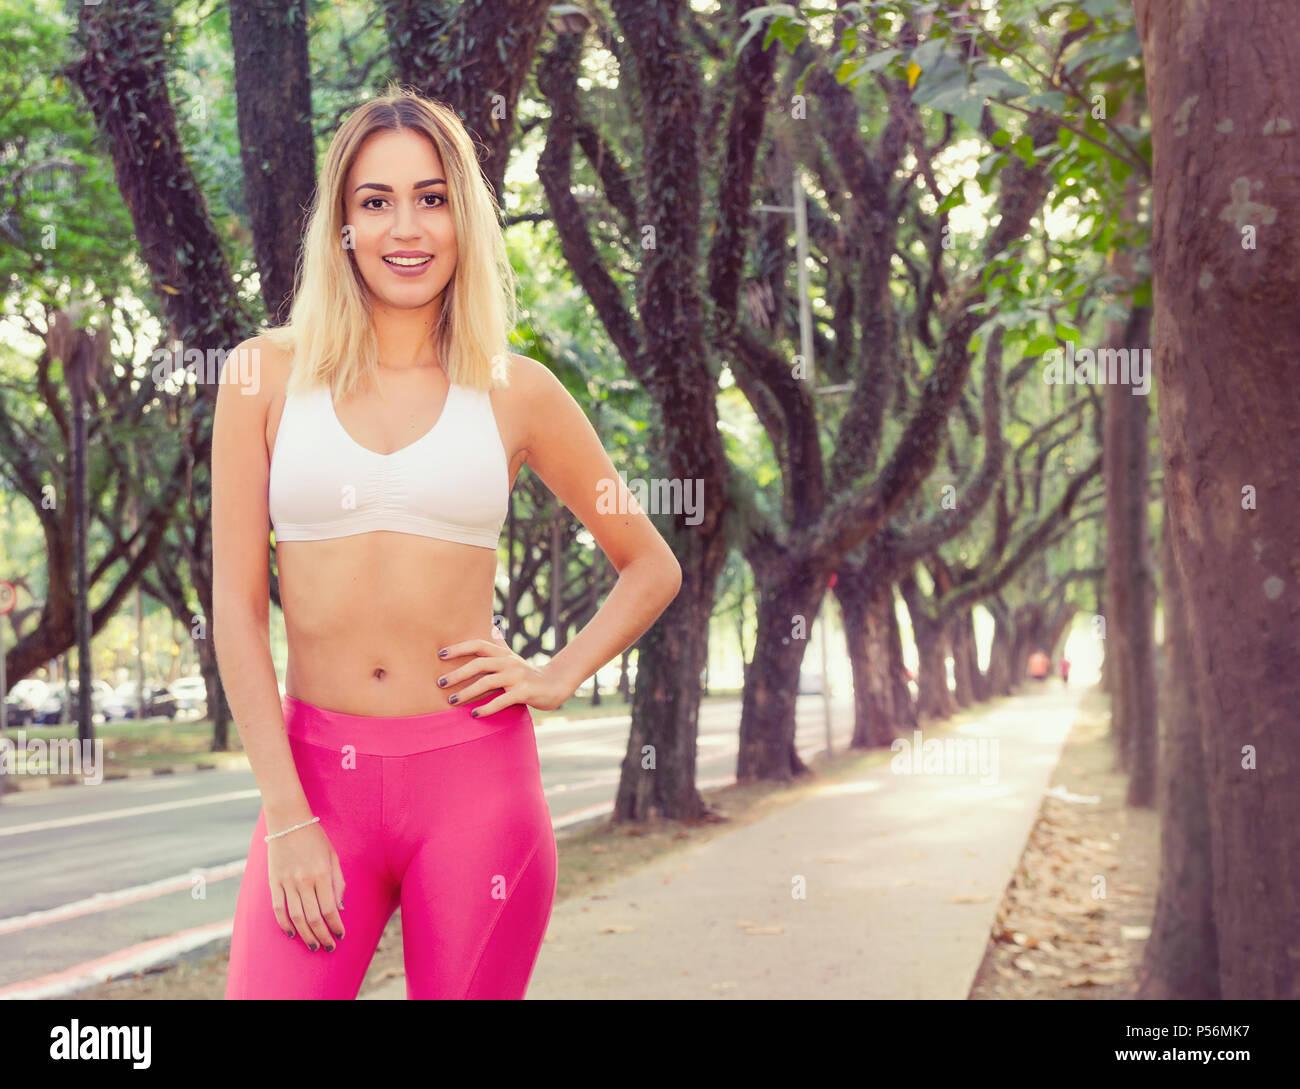 72984510c Mujer deportiva con la mano en la cintura. Ruta boscosa en la espalda.  Seguro